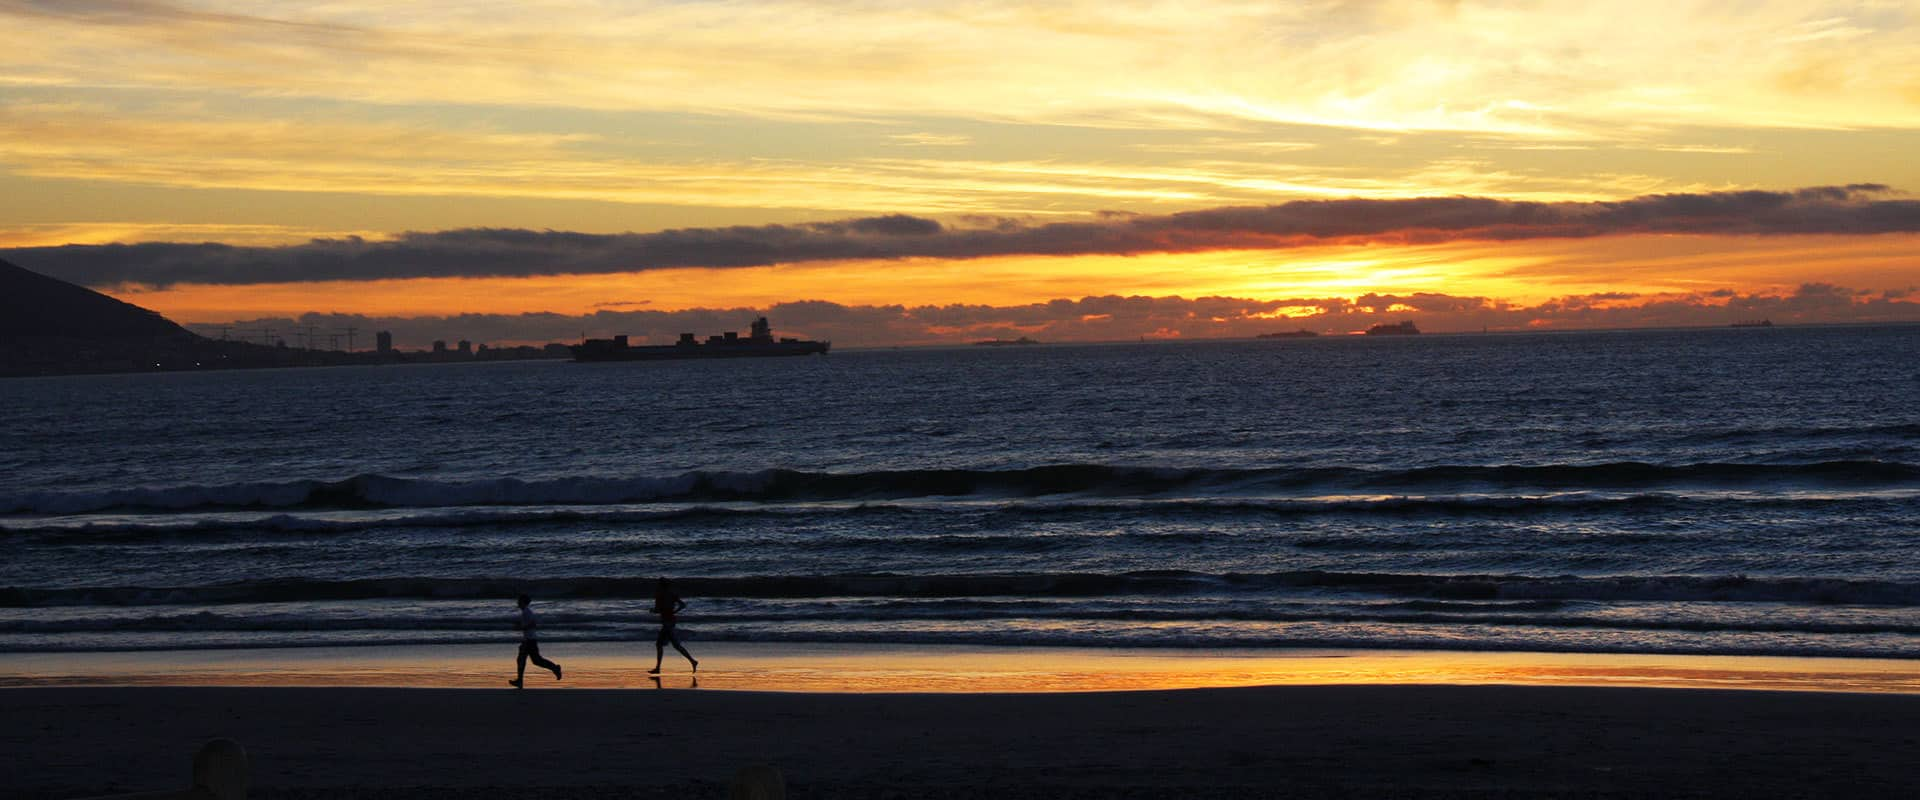 Kapstadt Strand Sonnenuntergang